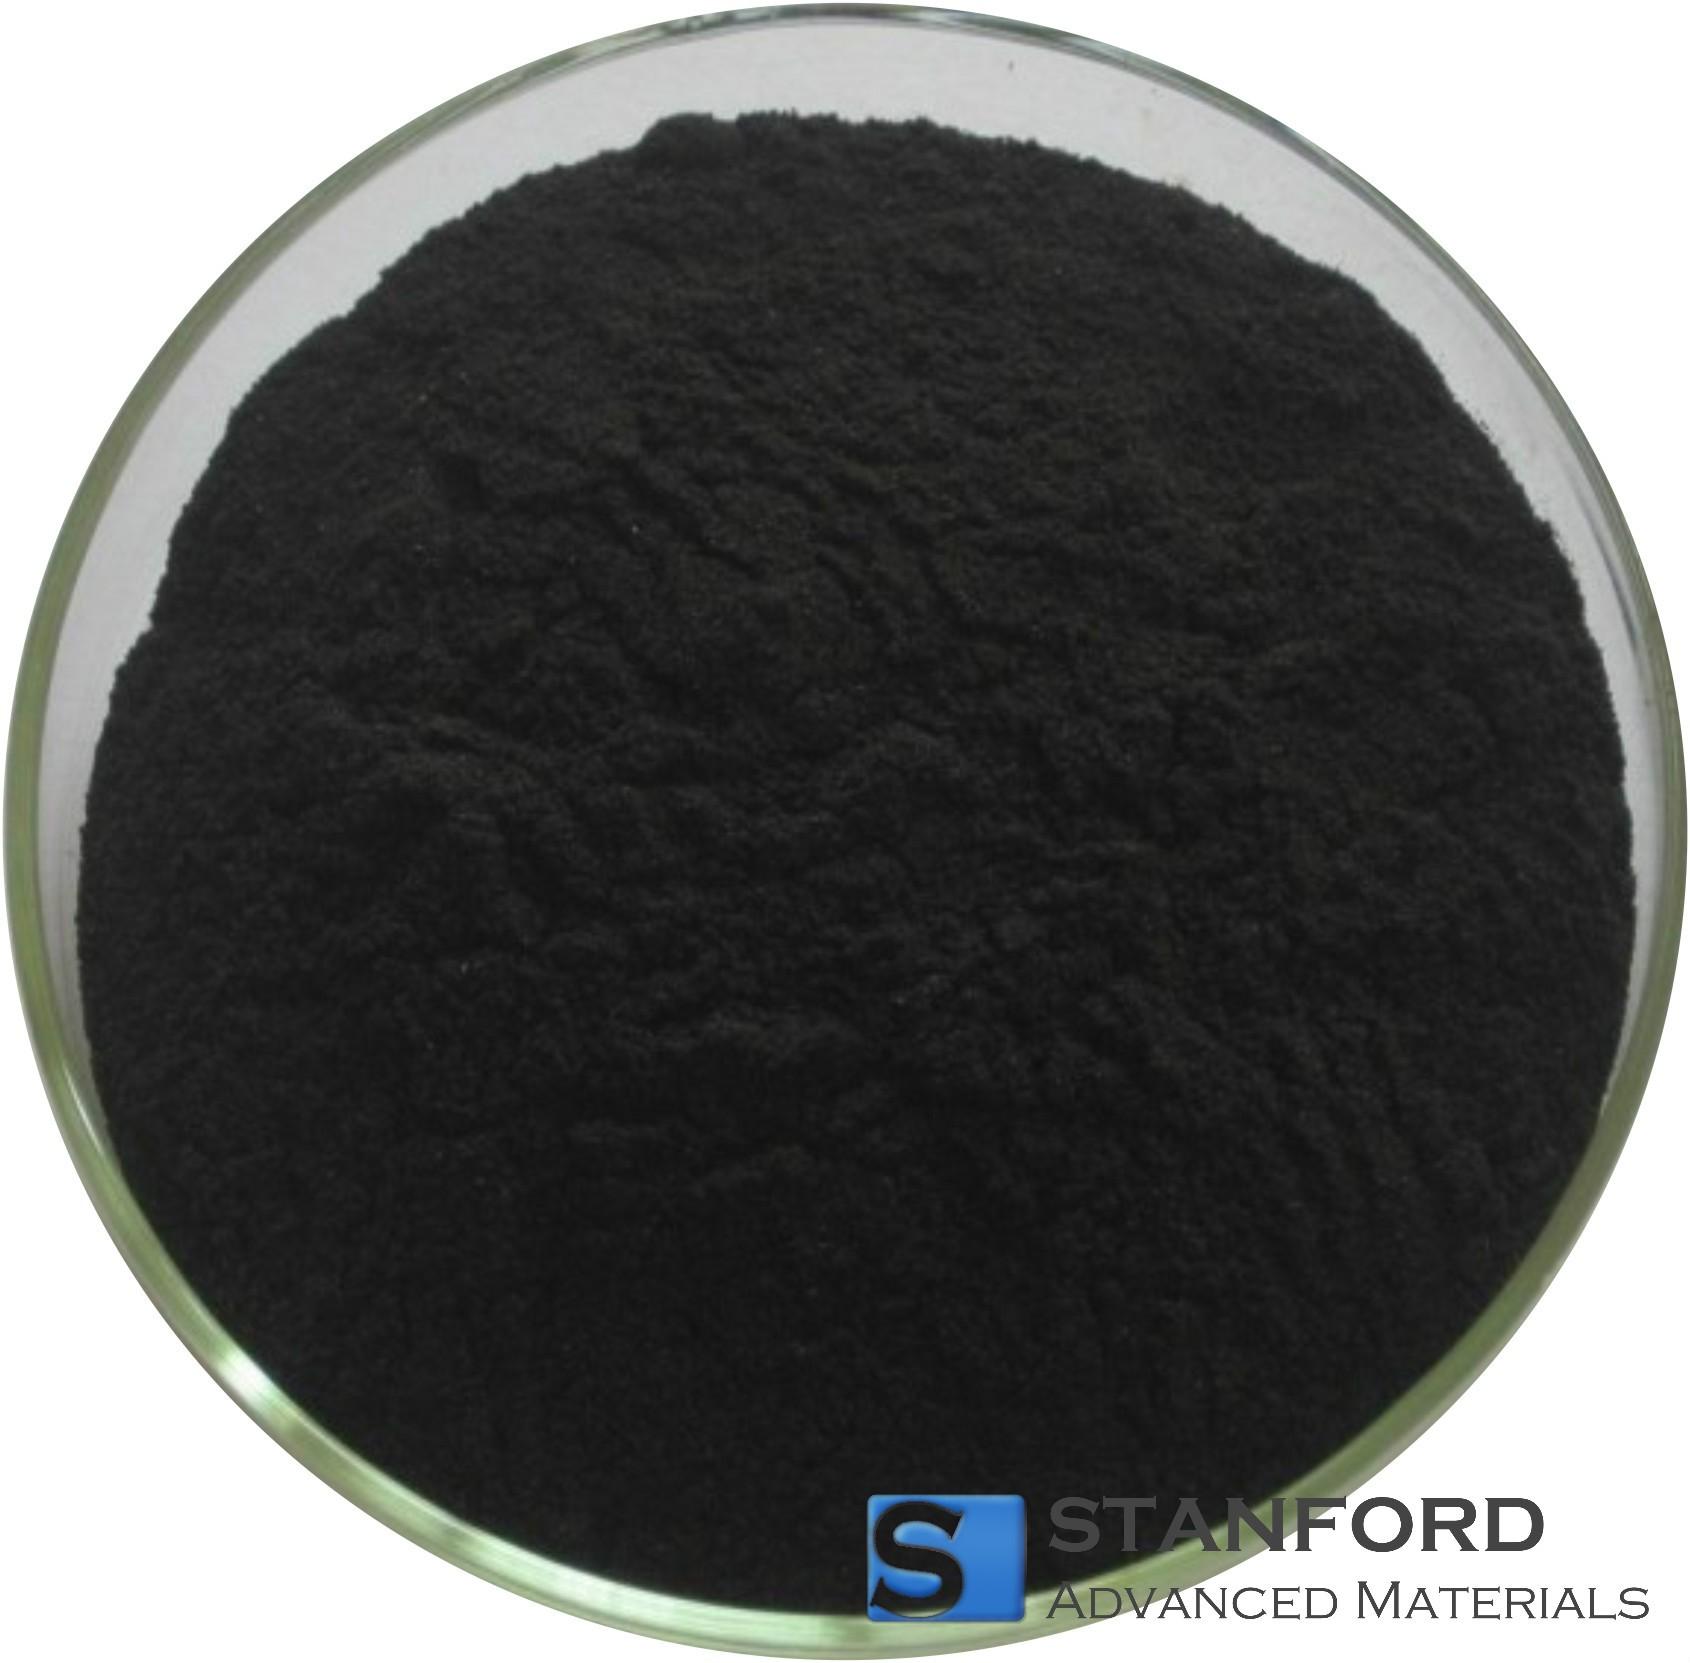 NR1925 Ytterbium Nitride (YbN) Powder